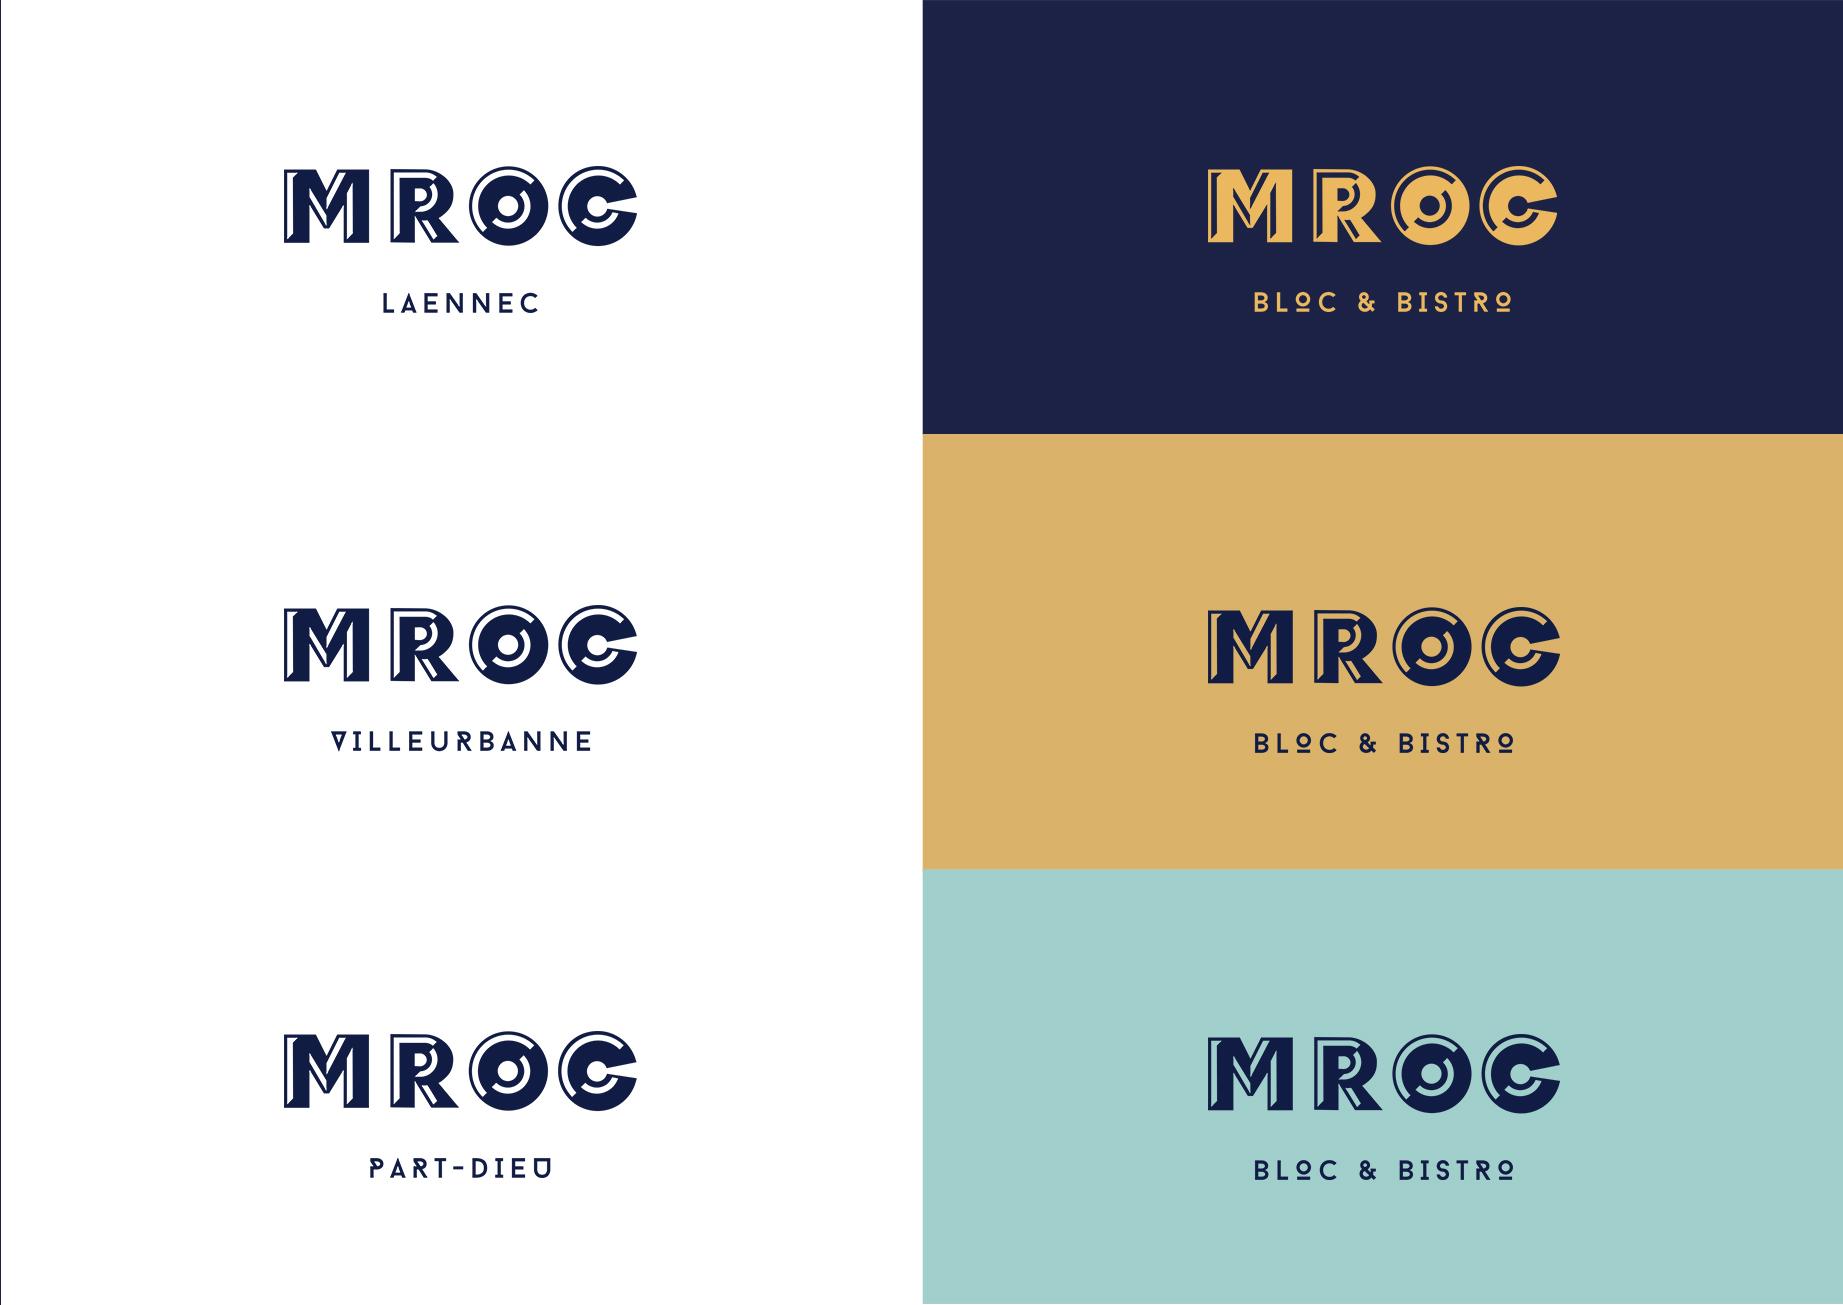 charte graphique mroc bloc et bistrot design studio frvr